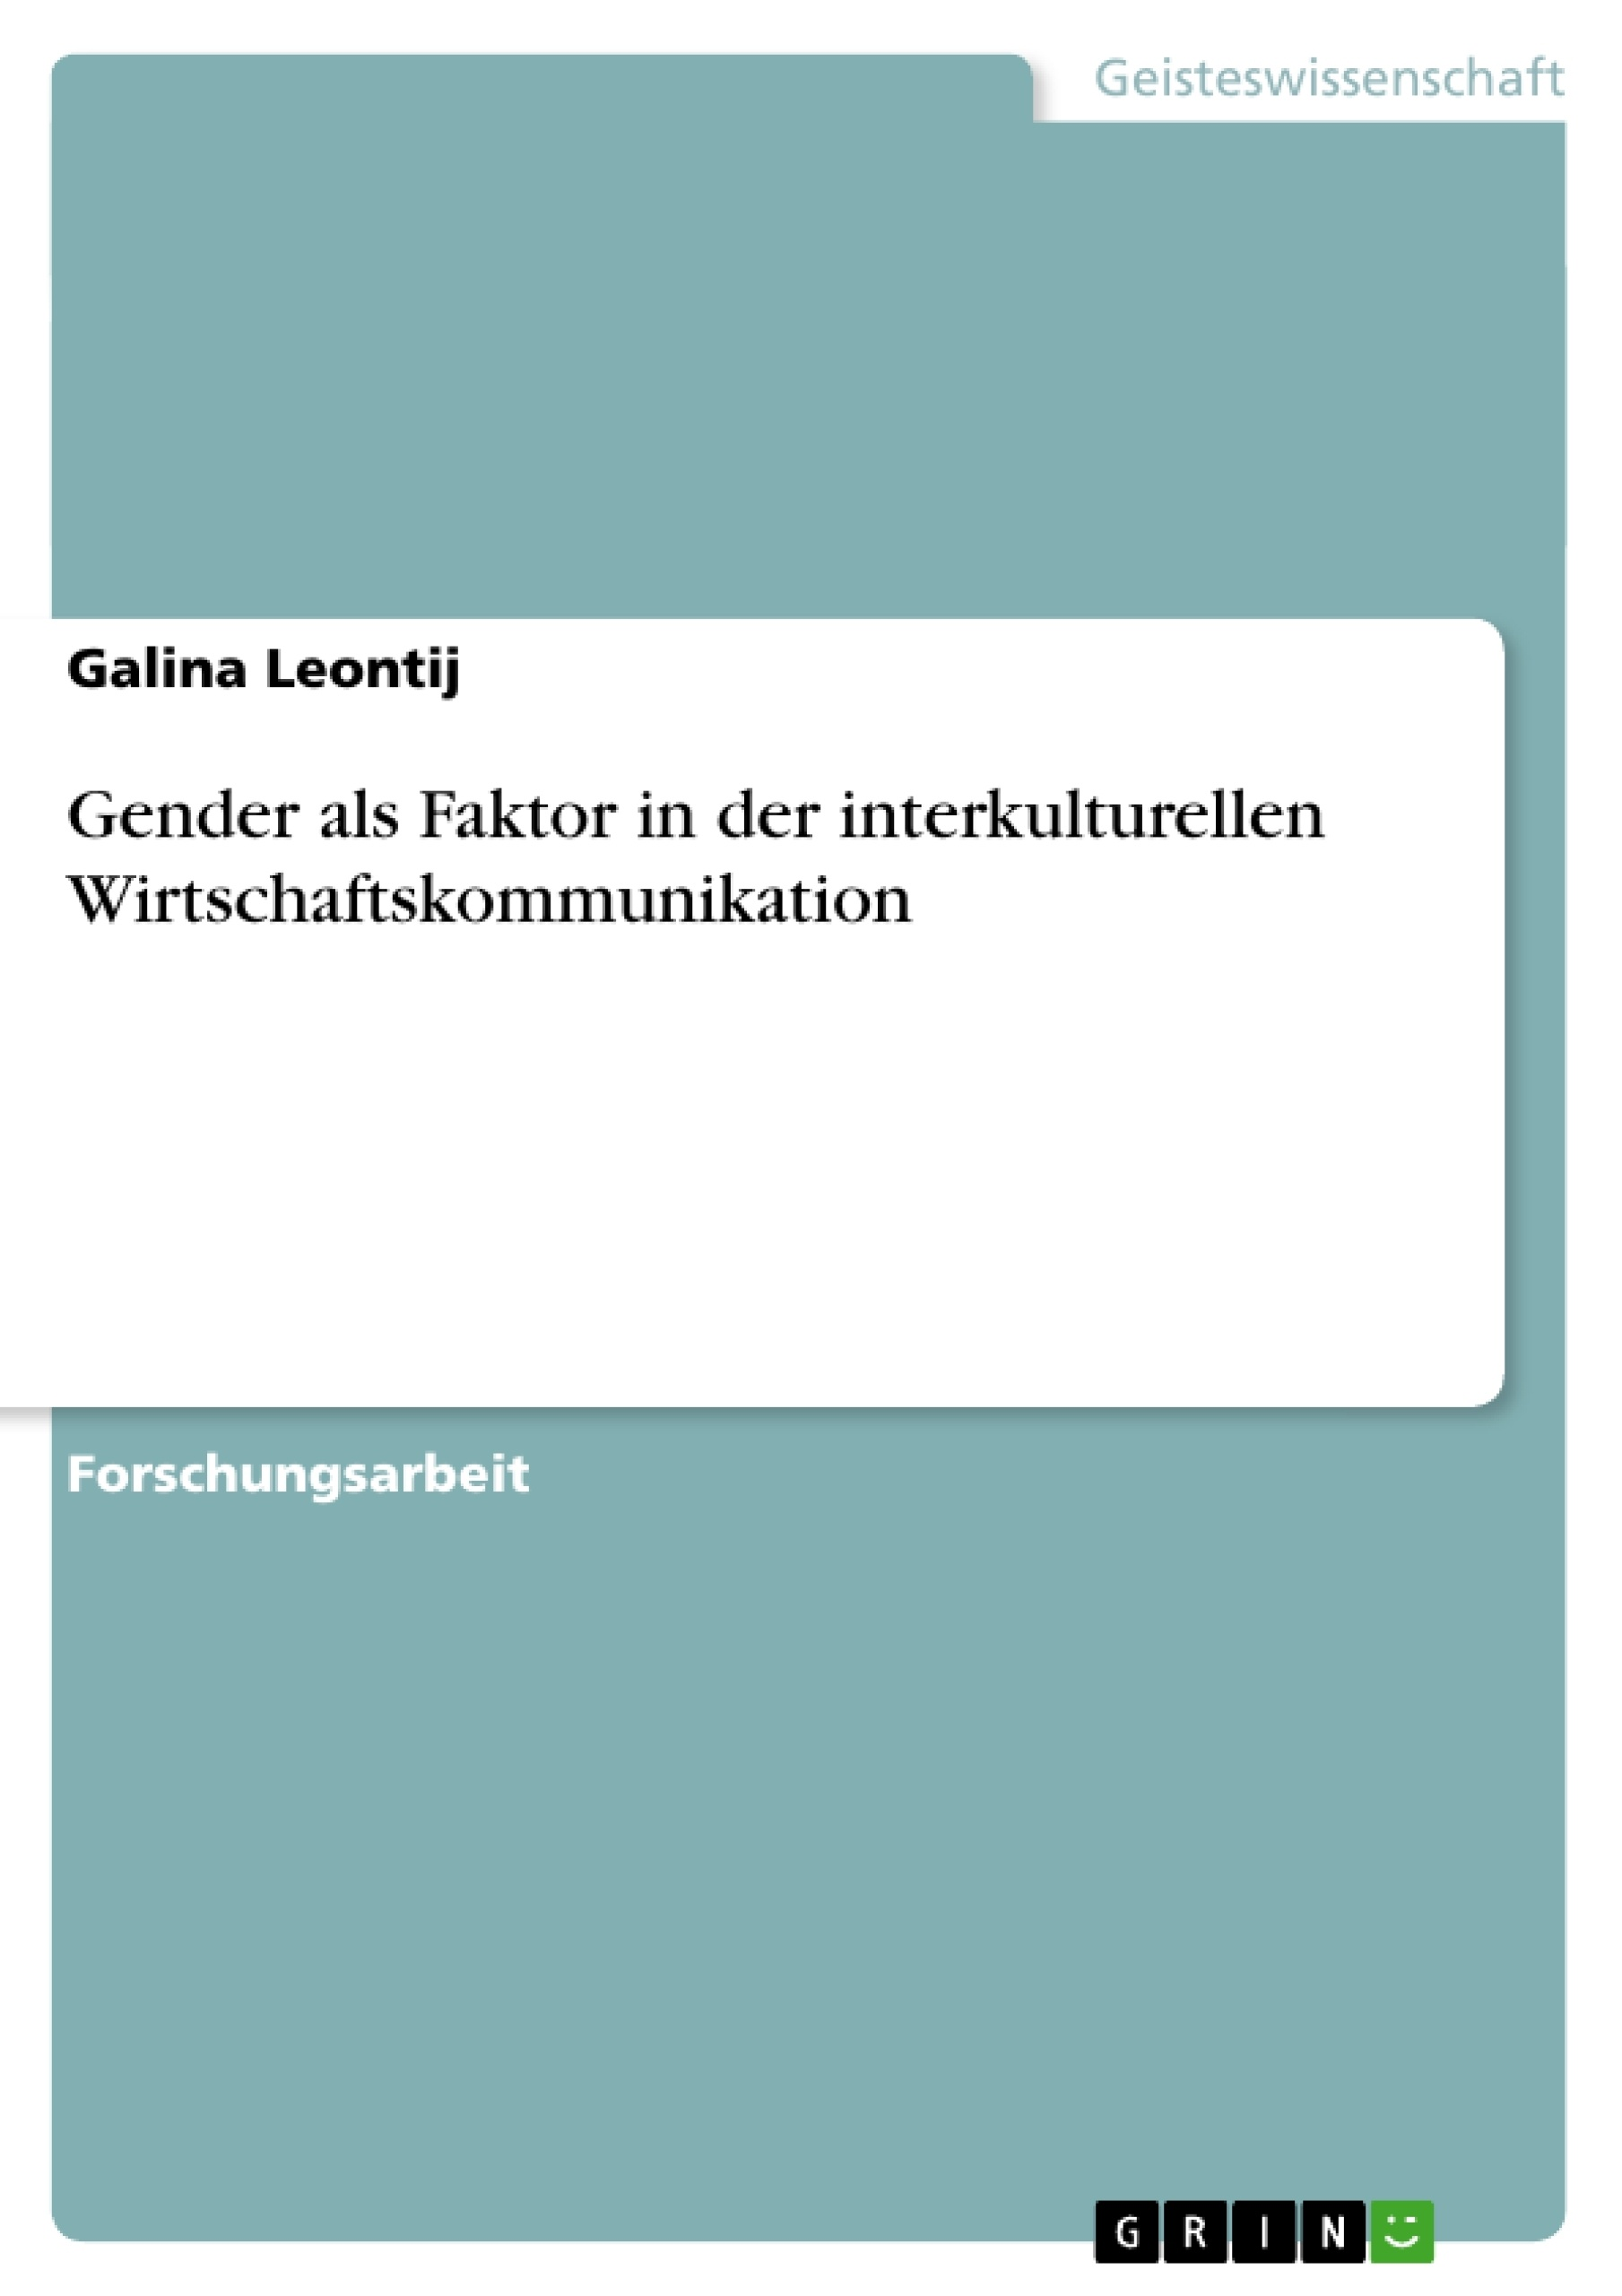 Titel: Gender als Faktor in der interkulturellen Wirtschaftskommunikation